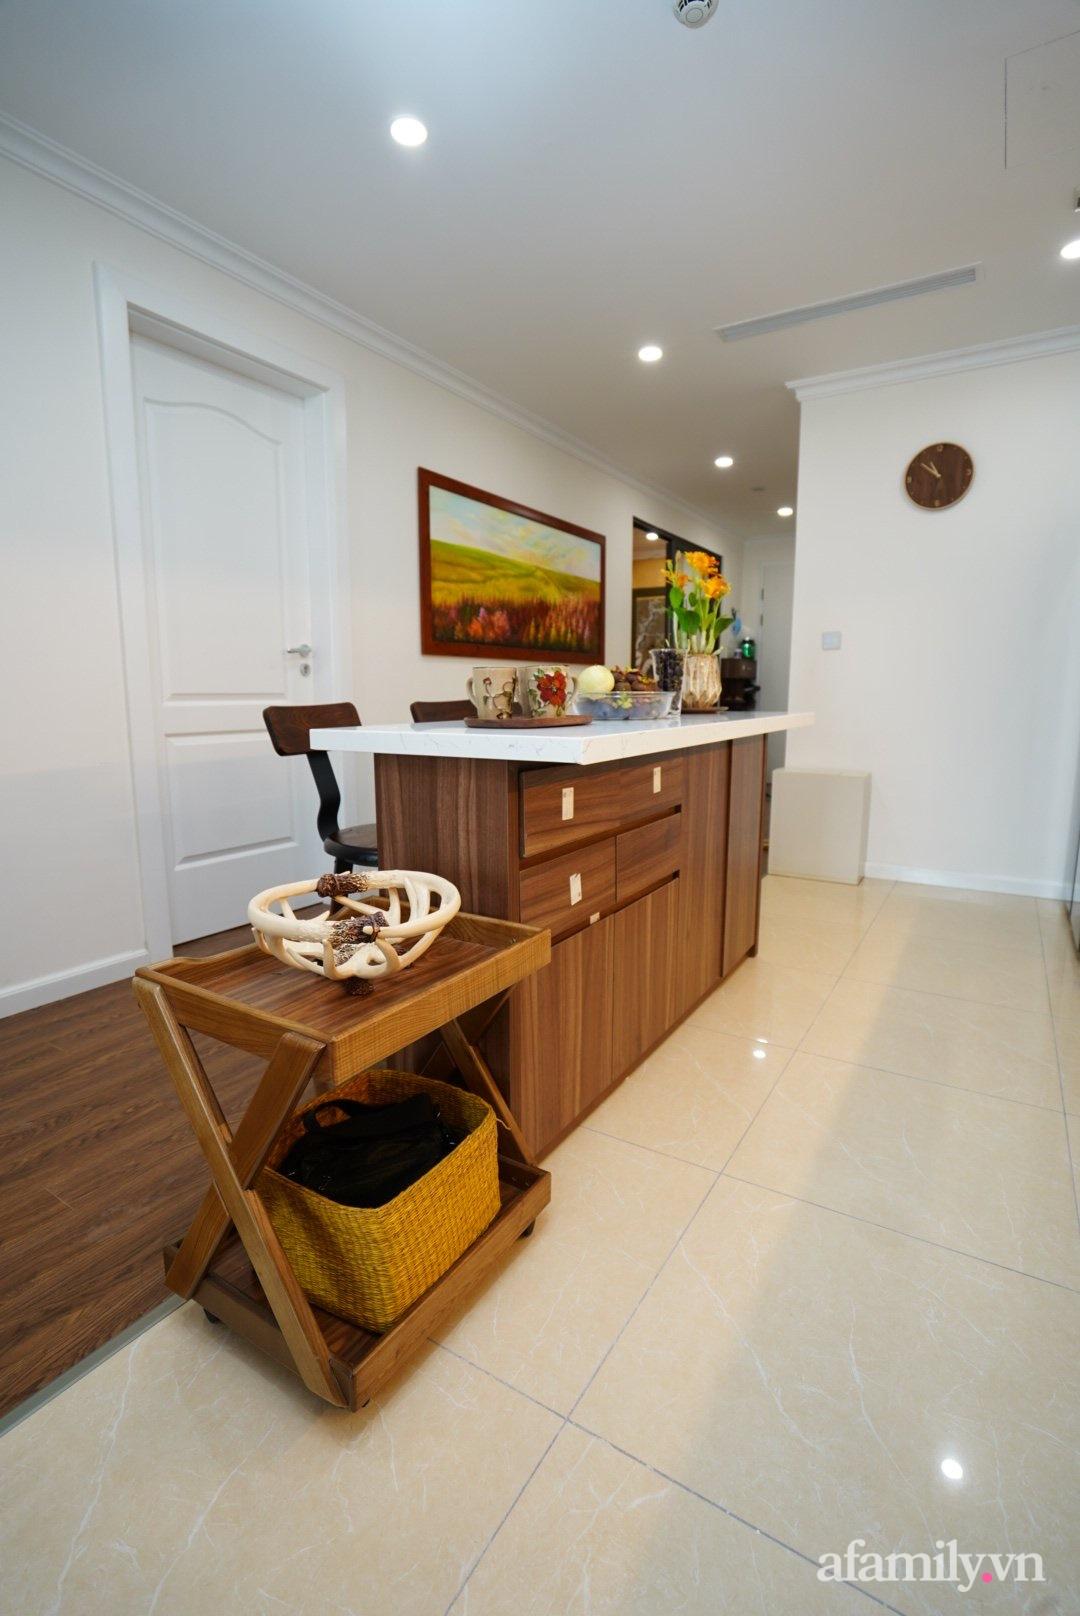 Căn hộ 107m2 đẹp sang trọng với nội thất màu gỗ óc chó có chi phí hoàn thiện 150 triệu đồng ở Hà Nội - Ảnh 4.